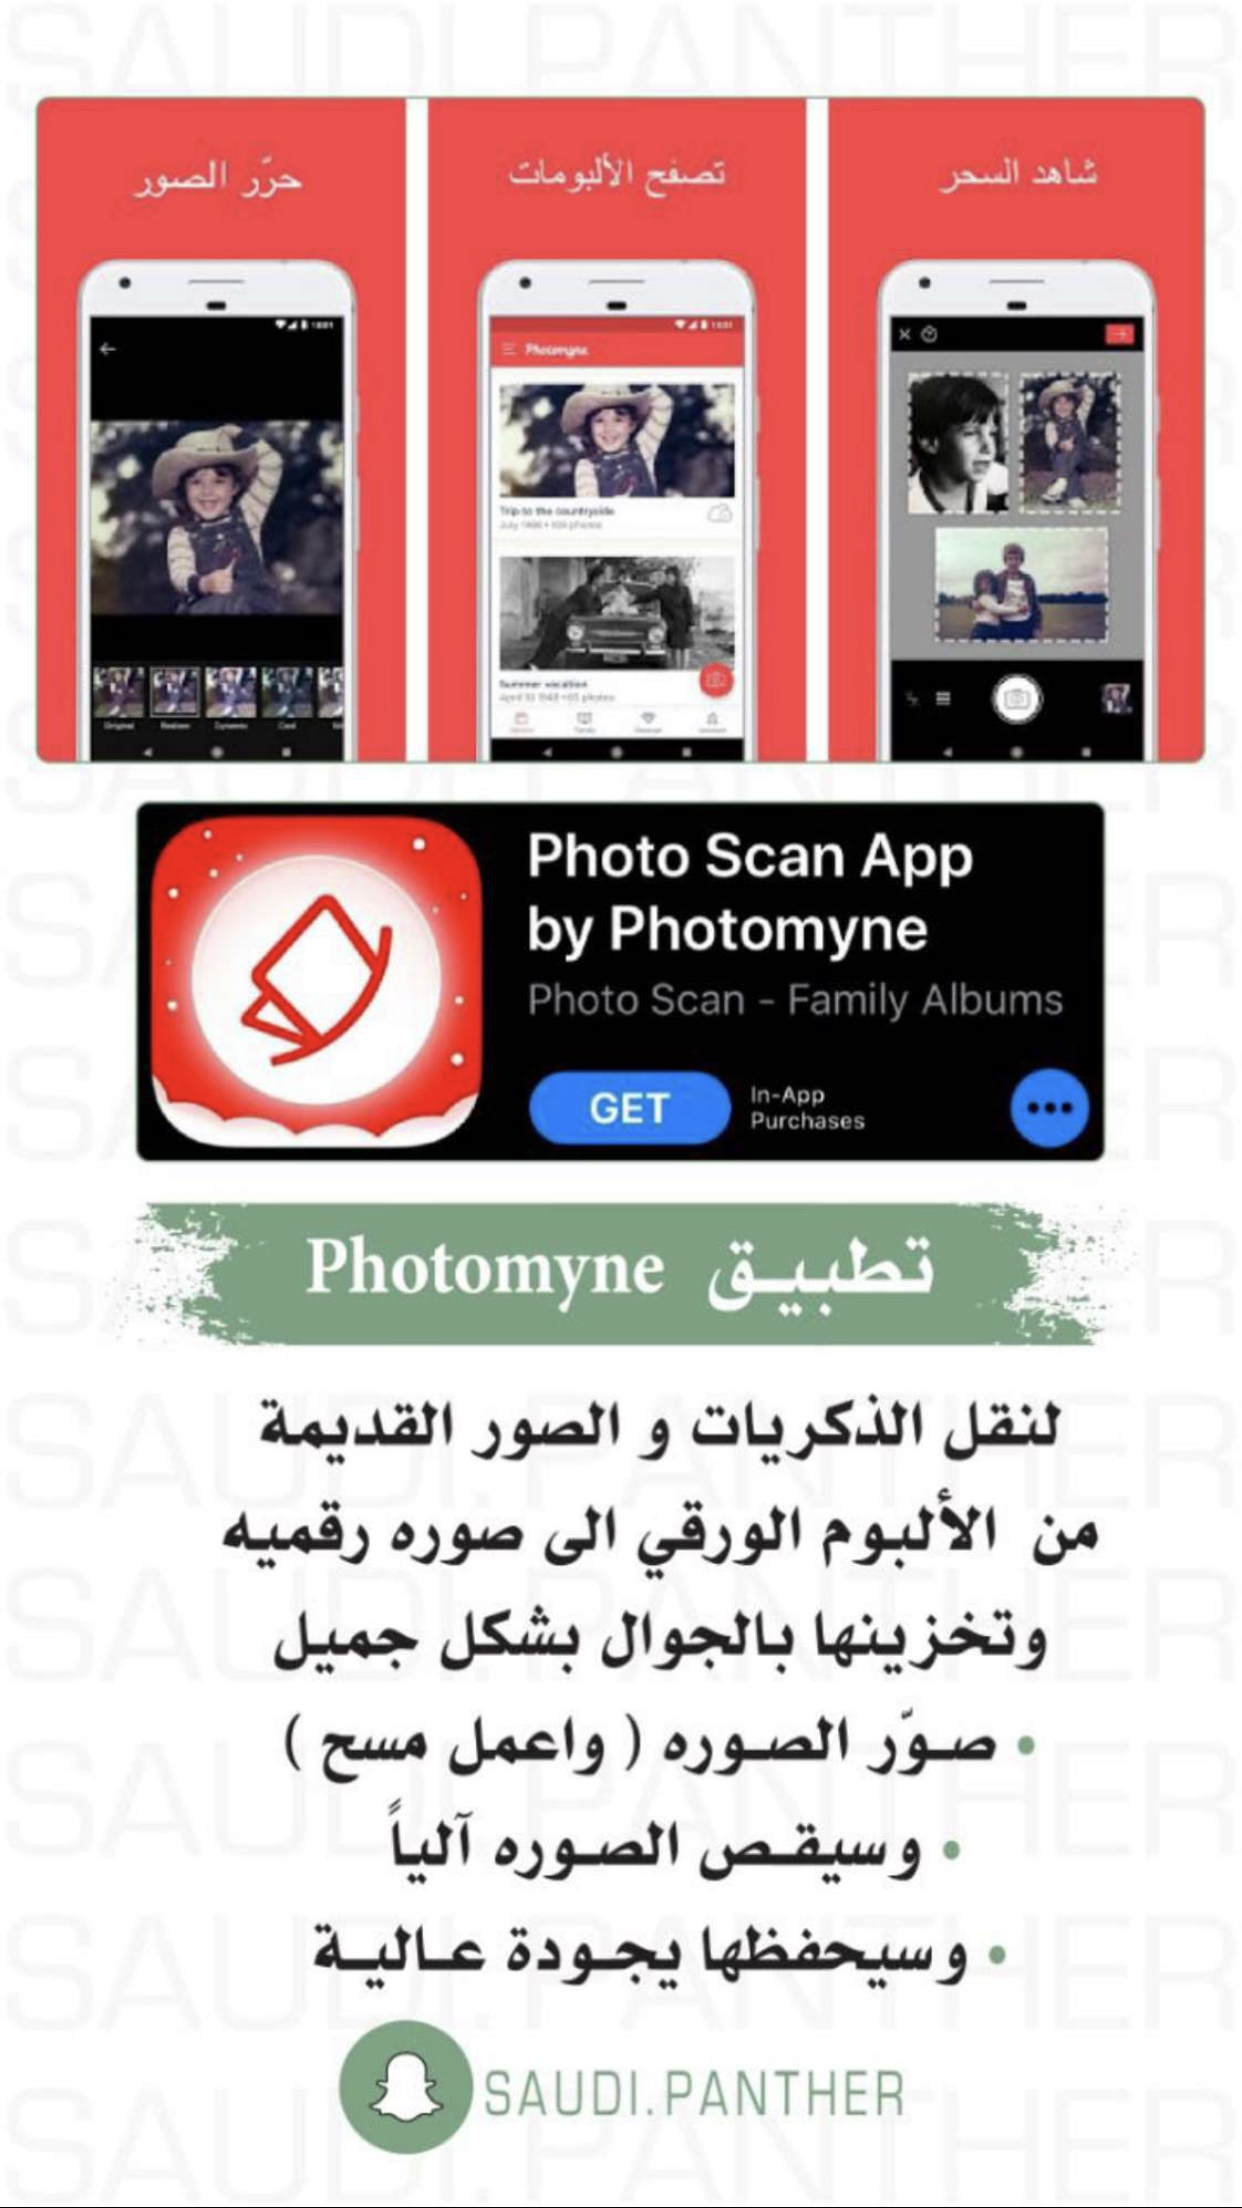 برنامج لحفظ الصور القديمة Photo Scan App Learning Websites Apps For Teachers